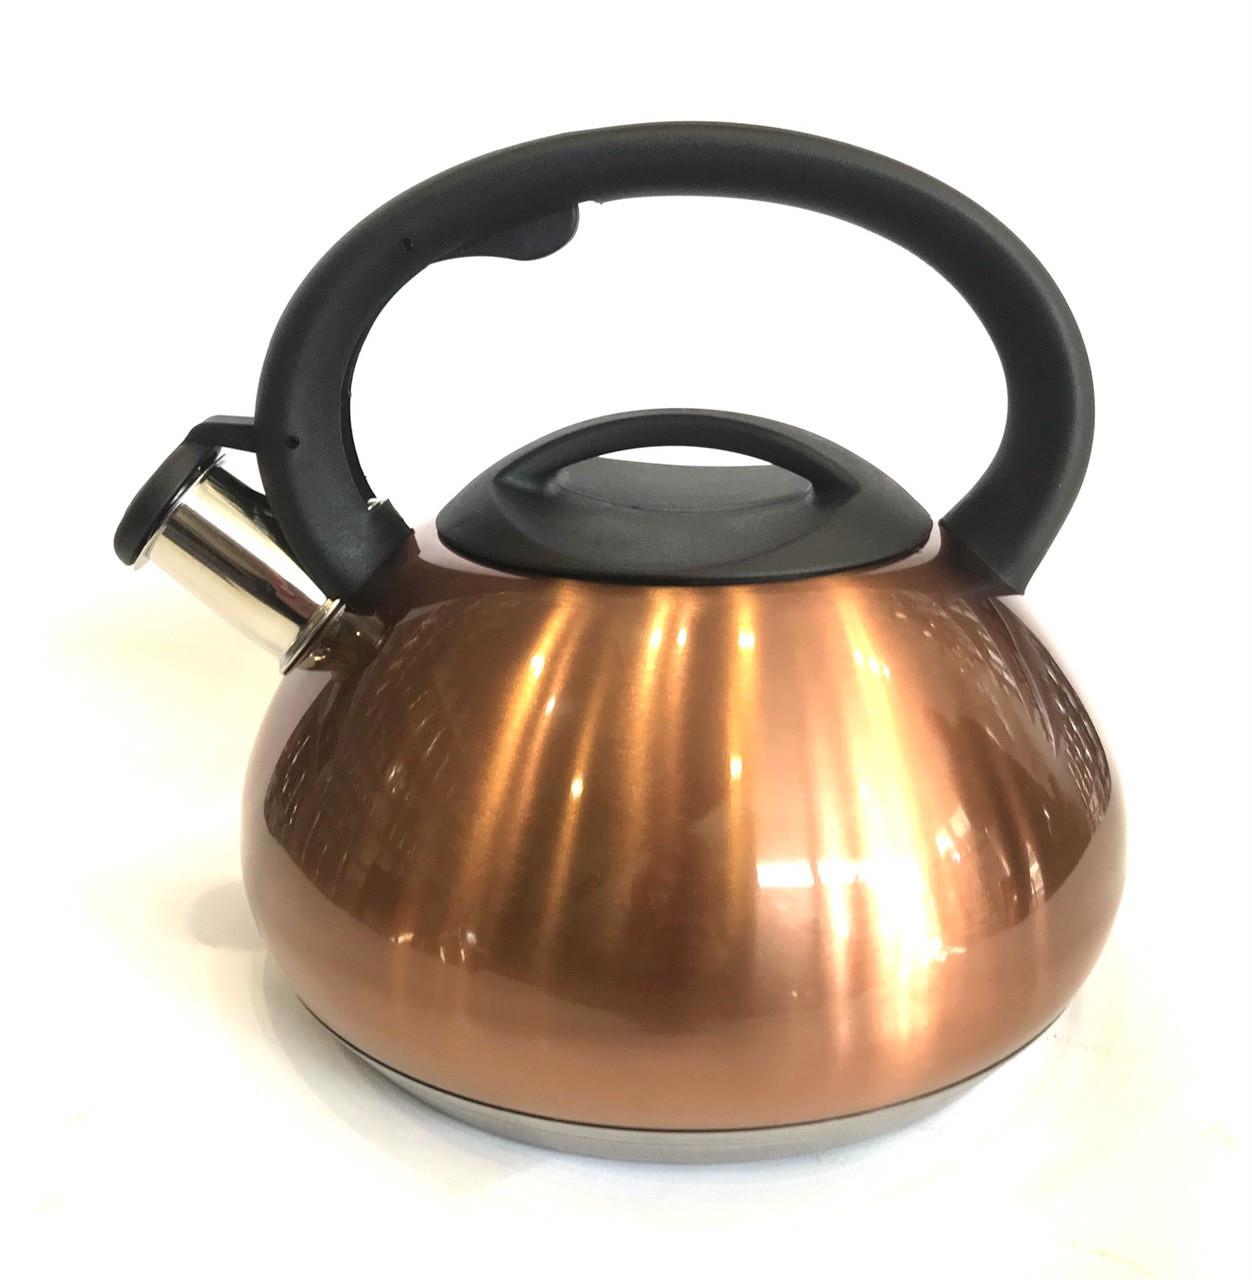 Чайник со свистком Benson BN-713 (3 л) из нержавеющей стали, нейлоновая ручка, дно 7 слоев | чайник Бенсон